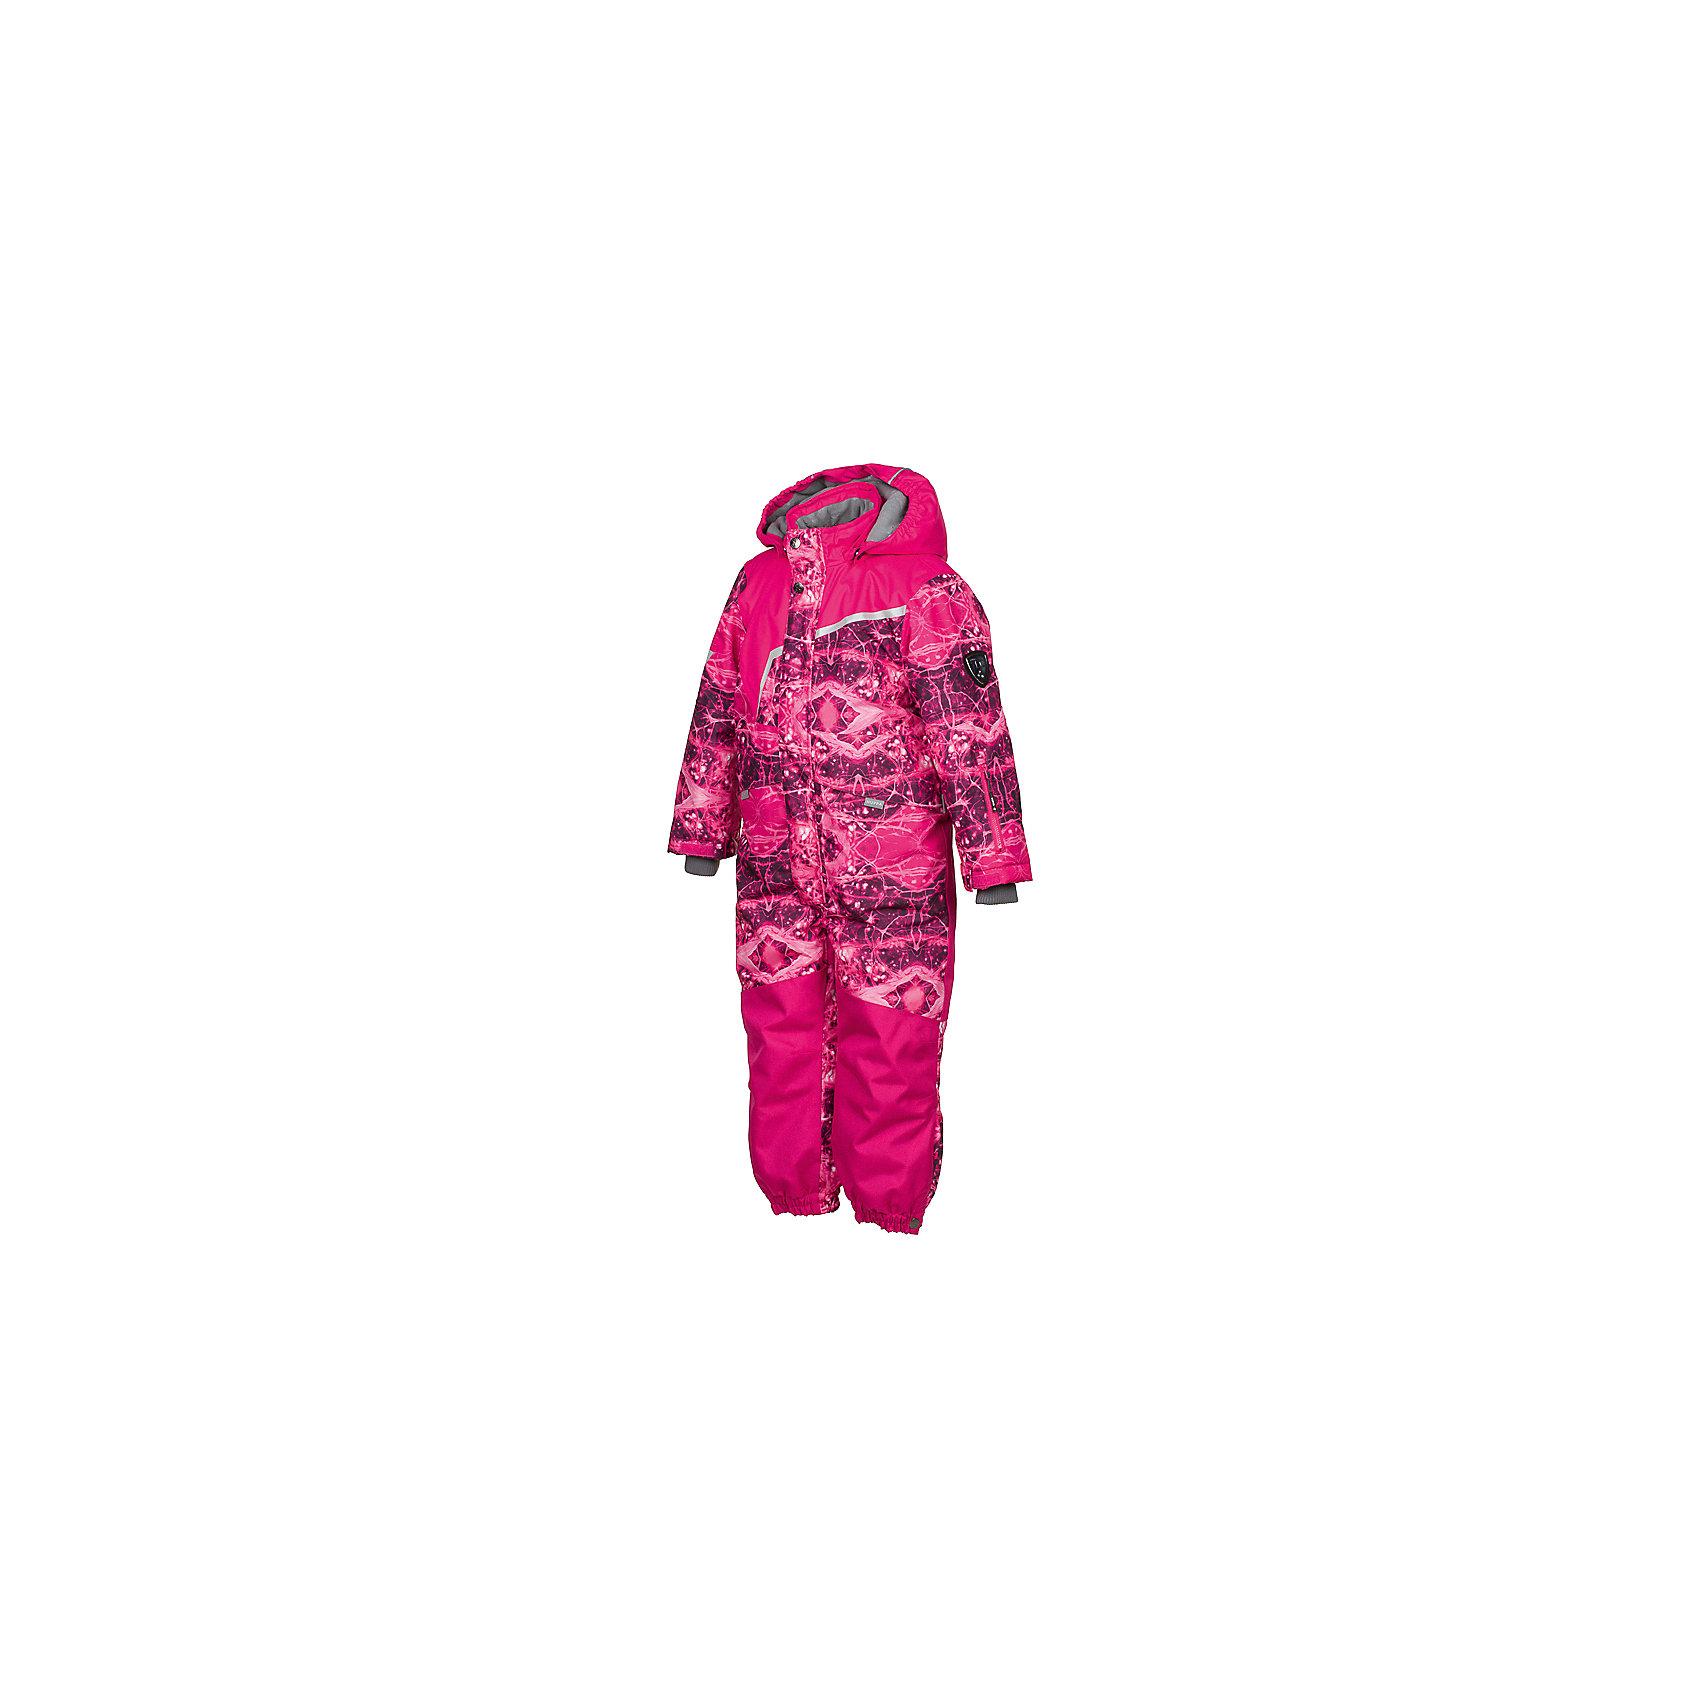 Комбинезон OWEN HuppaВерхняя одежда<br>Характеристики товара:<br><br>• модель: Owen;<br>• состав: 100% полиэстер;<br>• утеплитель: полиэстер, 200 гр.;<br>• подкладка: теплоотражающая Huppa Tec, тафта, флис;<br>• сезон: зима;<br>• температурный режим: от -5 до - 30С;<br>• водонепроницаемость: 10000 мм  ;<br>• воздухопроницаемость: 10000 г/м2/24ч;<br>• водо- и ветронепроницаемый, дышащий и грязеотталкивающий материал;<br>• особенности модели: c рисунком;<br>• капюшон при необходимости отстегивается<br>• cидельный шов, внутренние и боковые швы проклеены и не пропускают влагу;<br>•  cиденье и нижний край брючины выполнены из очень прочной ткани Cordura;<br>• светоотражающих элементов для безопасности ребенка ;<br>• все карманы застегиваются на молнию;<br>• рукава регулируются по ширине, внутри есть дополнительный трикотажный манжет; <br>• манжеты брюк на резинках, с кнопками для изменения ширины<br>• съемные силиконовые штрипки;<br>• внутренняя регулировка обхвата талии;<br>• страна бренда: Финляндия;<br>• страна изготовитель: Эстония.<br><br>Зимний комбинезон Owen для мальчика бренда HUPPA влагонепроницаемый и дышащий. Материал с утеплителем 200 грамм подойдет на температуру от -5 до -30 градусов. Подкладка — теплоотражающая Huppa Tec, тафта, флис. Нижняя часть комбинезона выполнена из материала повышенной прочности Cordura. Для удобства надевания высокой обуви, низ штанин регулируется кнопкой. <br><br>Функциональные элементы: капюшон отстегивается с помощью кнопок, карманы на молнии, трикотажные манжеты,манжеты регулируются с помощью кнопки, утяжка на талии, подол штанин регулируется кнопкой, все швы проклеены, съемные силиконовые штрипки, все детали укреплены, светоотражающие элементы.<br><br>Зимний комбинезон Owen для мальчика бренда HUPPA  можно купить в нашем интернет-магазине.<br><br>Ширина мм: 356<br>Глубина мм: 10<br>Высота мм: 245<br>Вес г: 519<br>Цвет: фуксия<br>Возраст от месяцев: 108<br>Возраст до месяцев: 120<br>Пол: Унисекс<br>Возраст: Детский<br>Размер: 